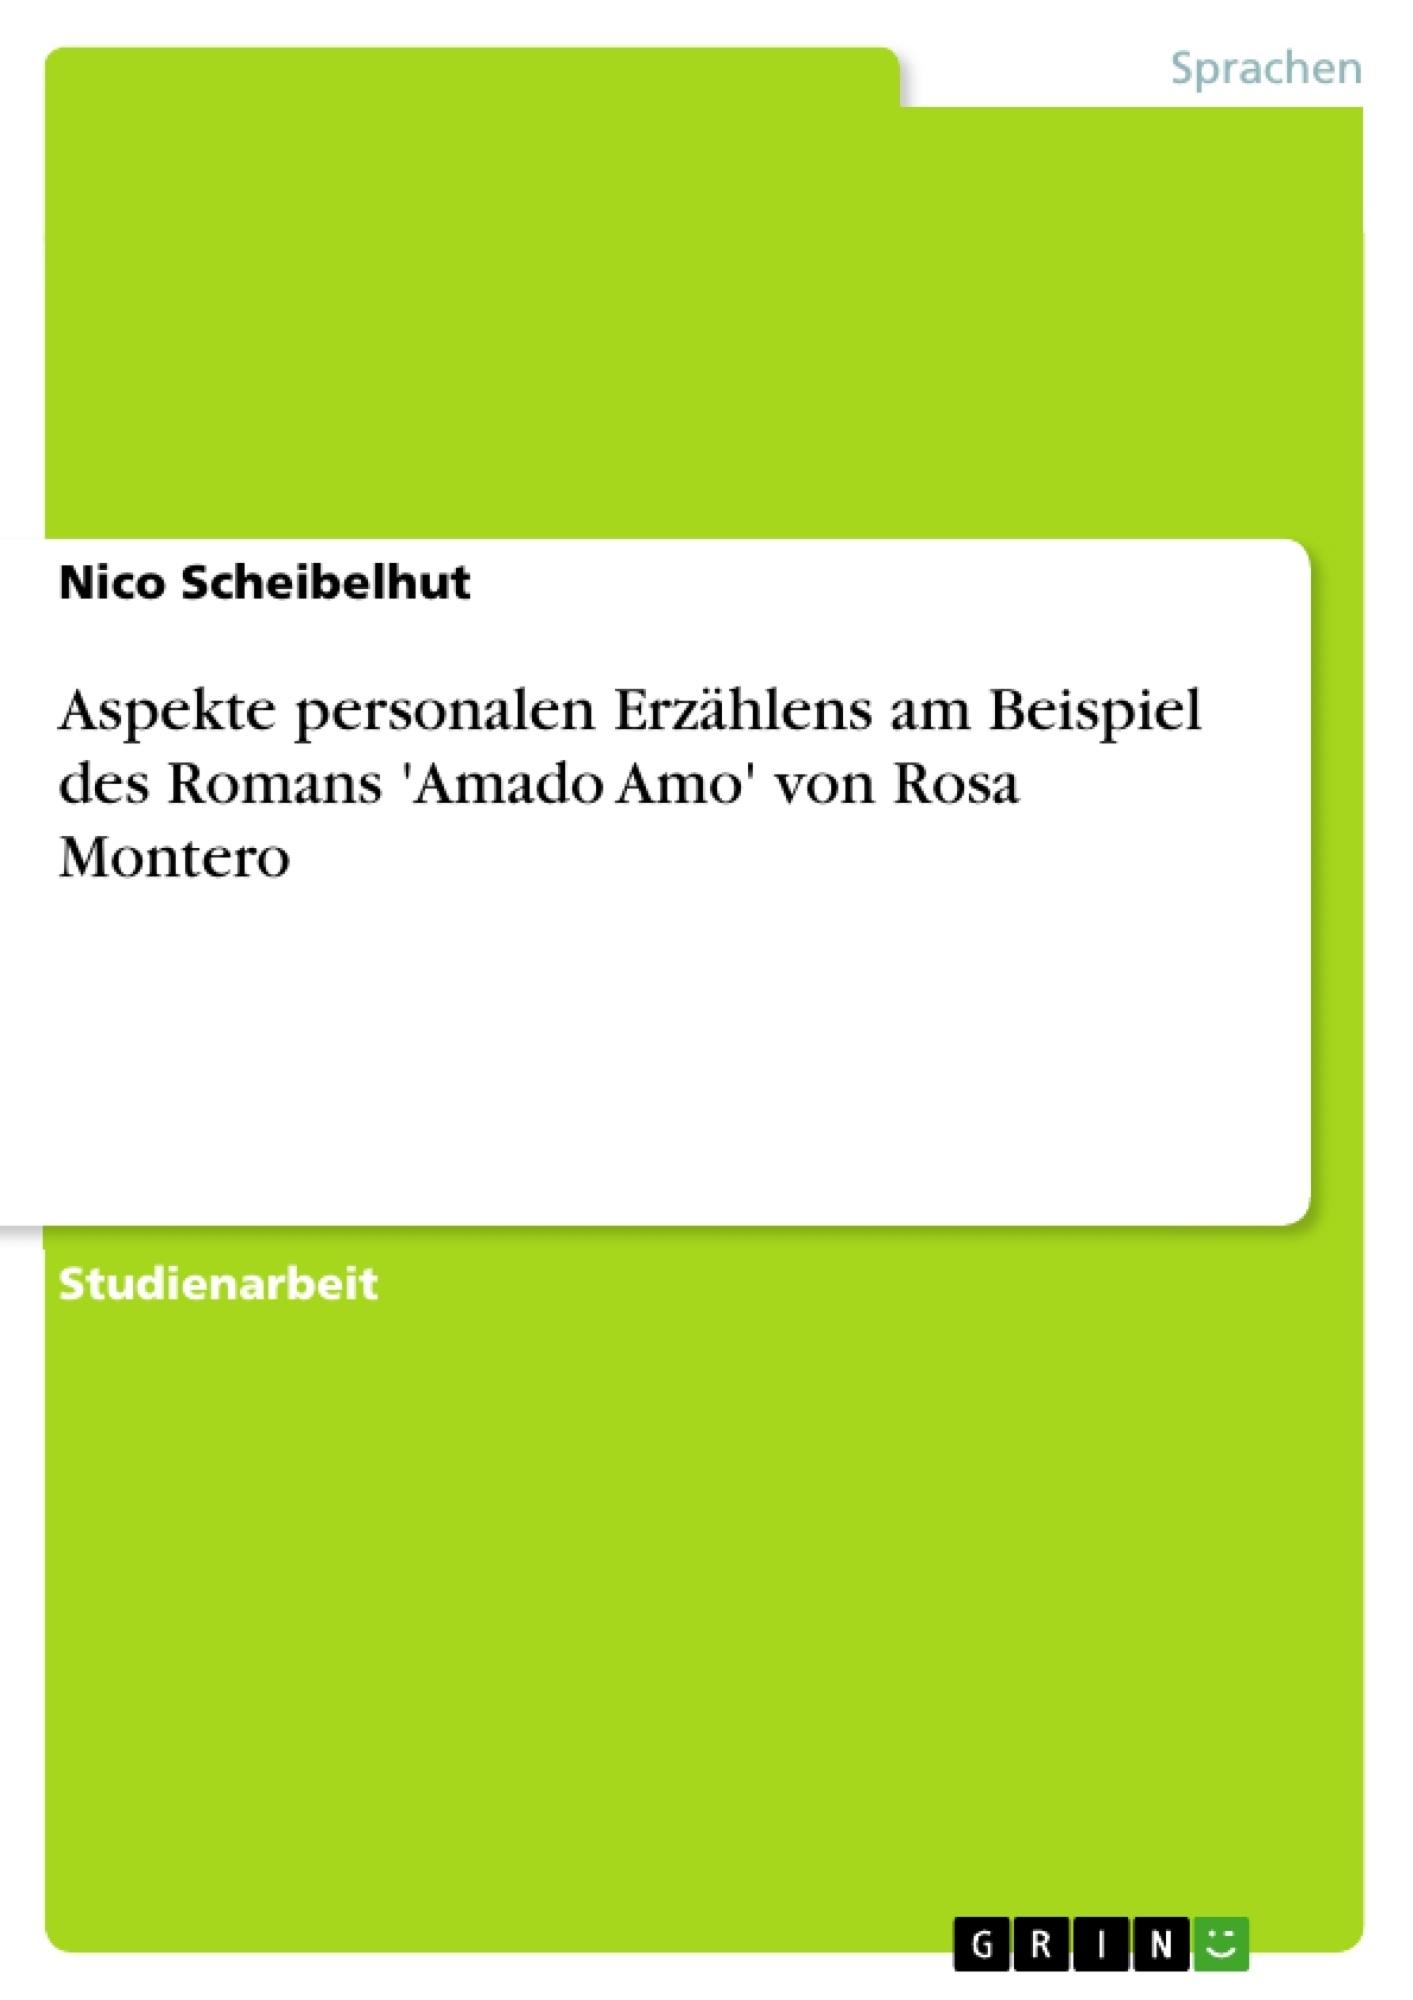 Titel: Aspekte personalen Erzählens am Beispiel des Romans 'Amado Amo' von Rosa Montero